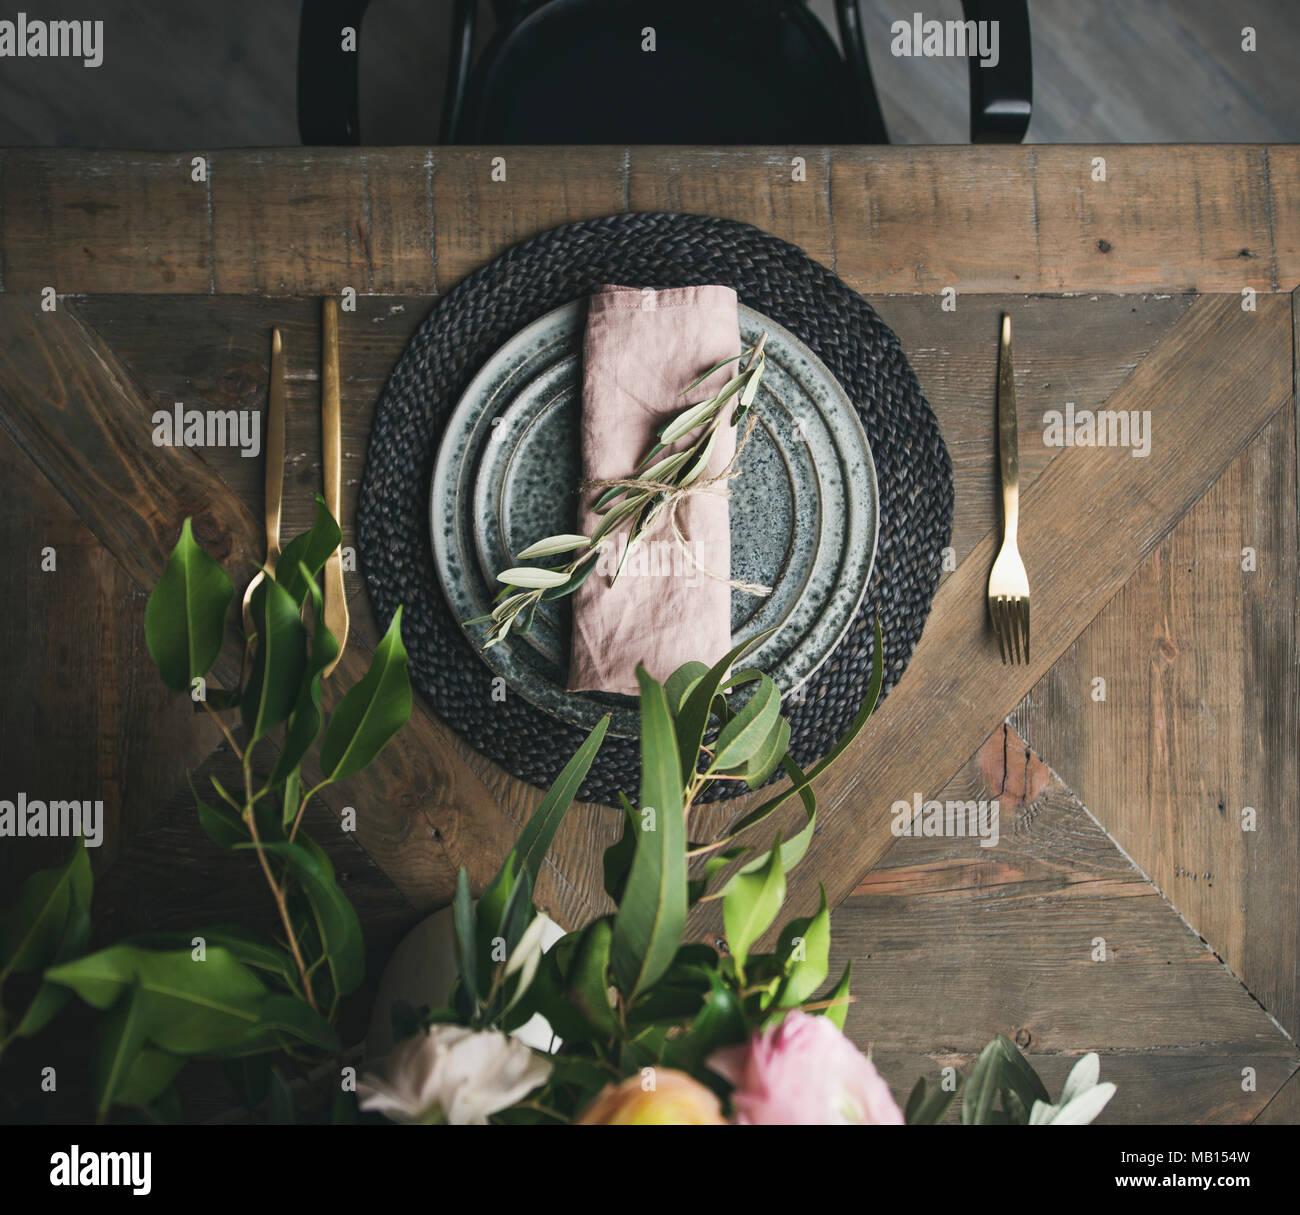 Flat-lay de primavera vacaciones de Pascua la puesta de la Mesa. Tierna flor flores, platos y cubertería más vintage mesa de madera, vista superior Imagen De Stock